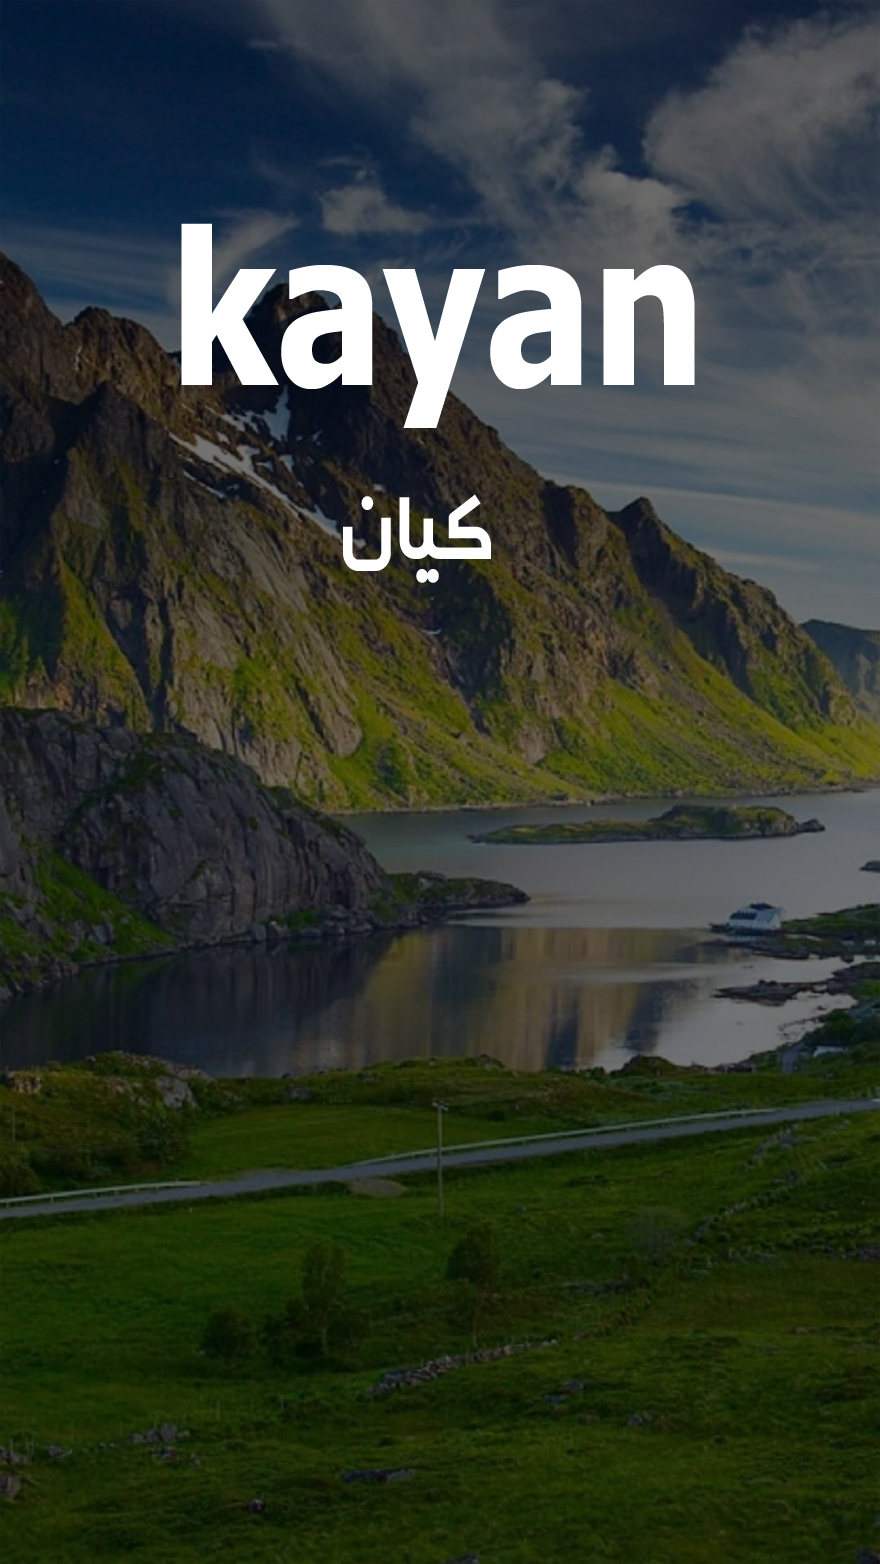 معنى اسم كيان في اللغة العربية وصور و زخرفة وتفسيره بالحلم شبكة العراب Al 3rab